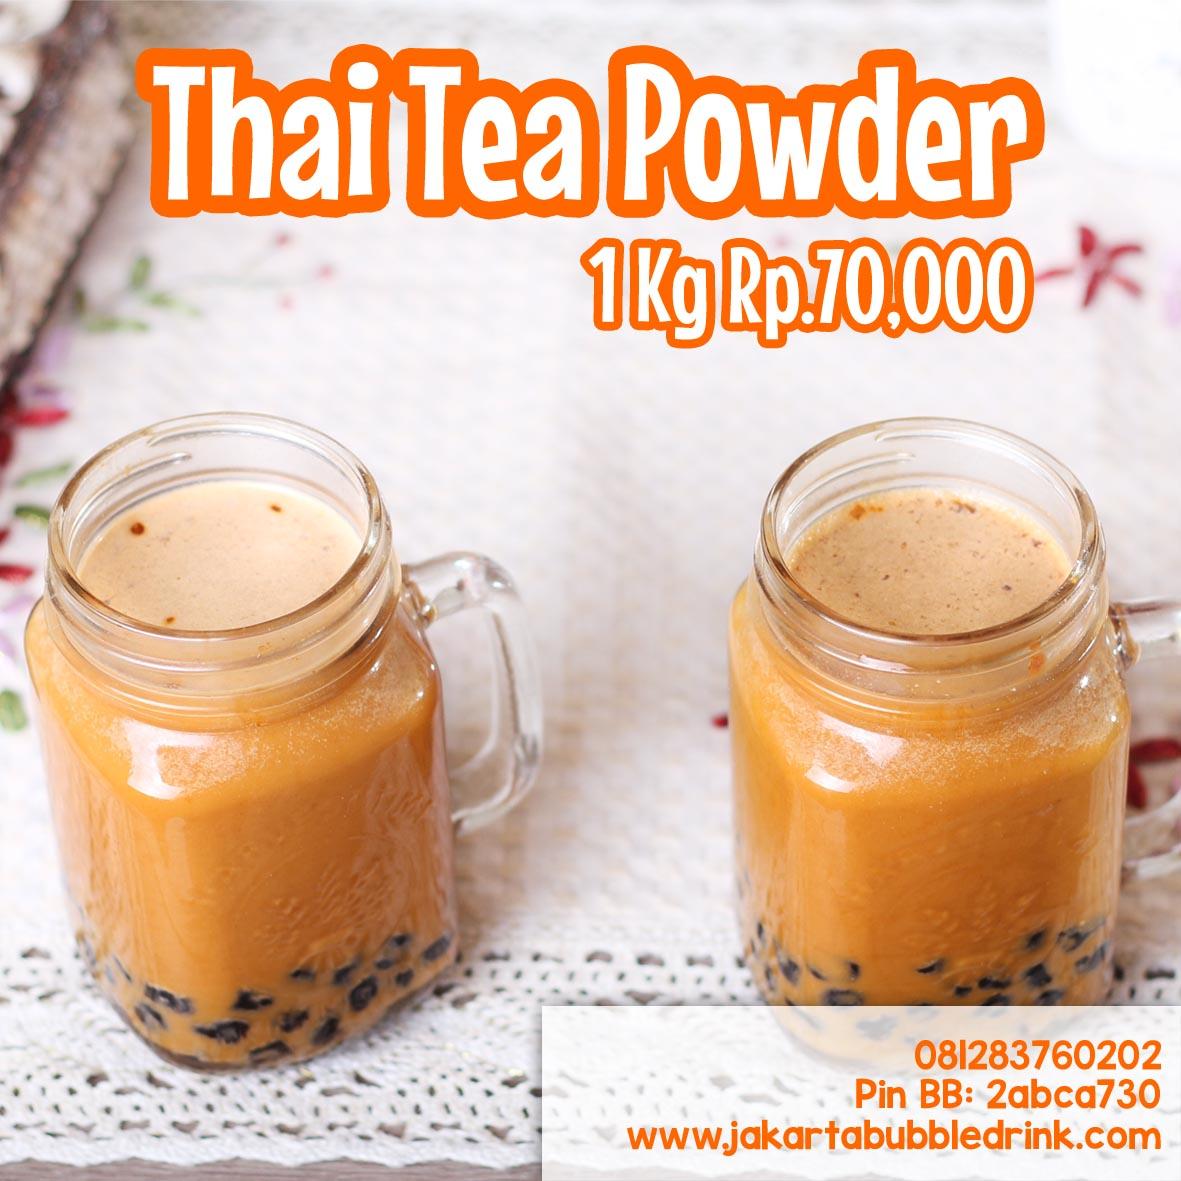 Bubuk Minuman Rasa Thai Tea  Paling Laris di Sumedang